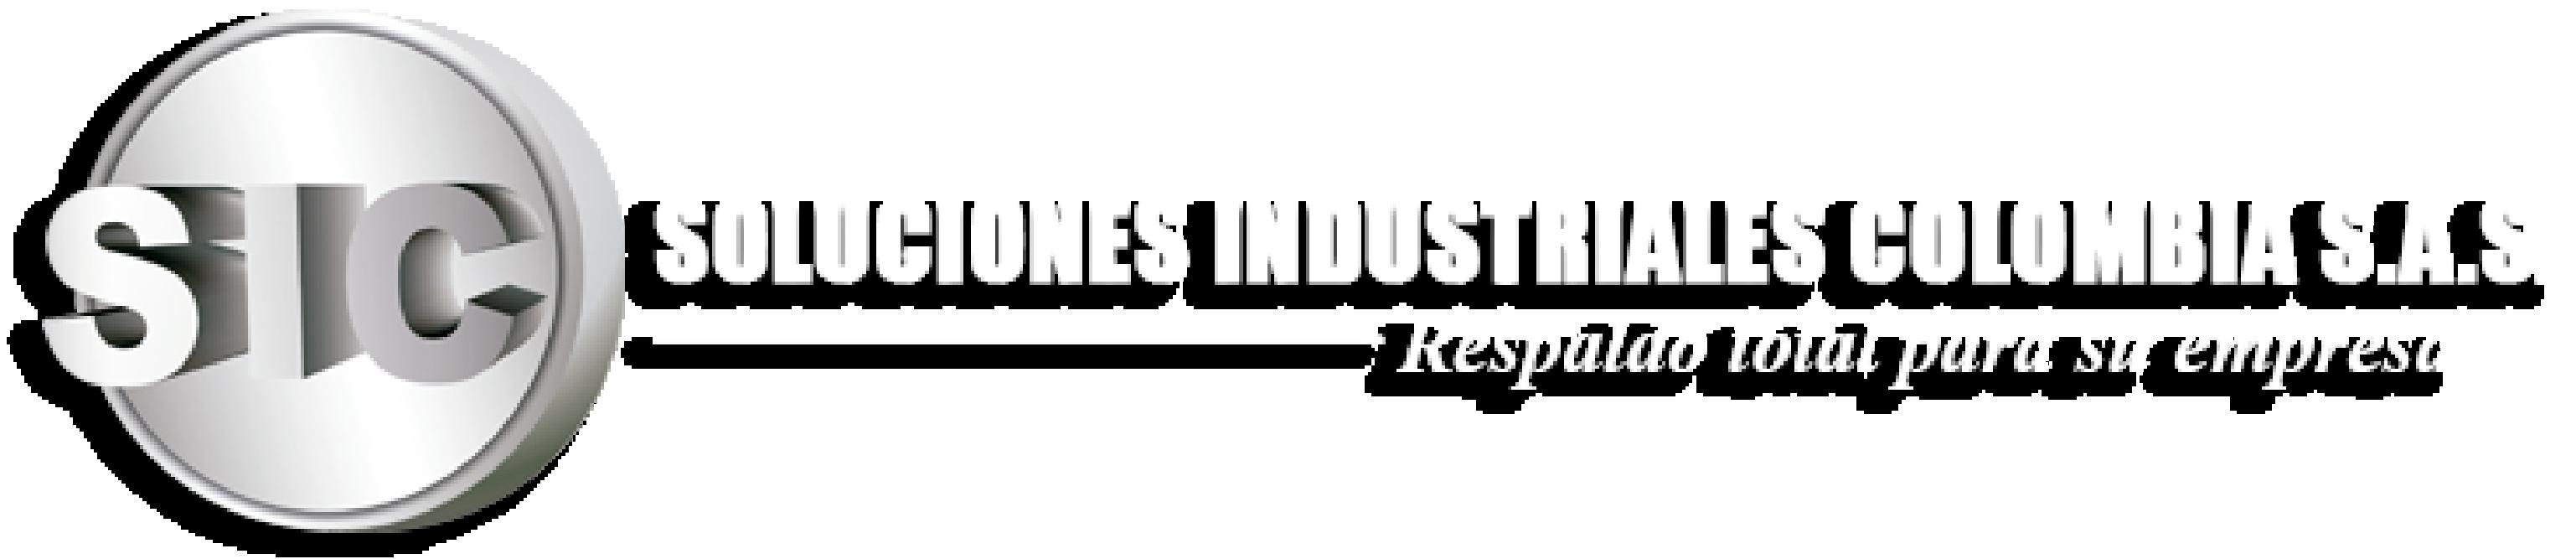 Soluciones Industriales Colombia